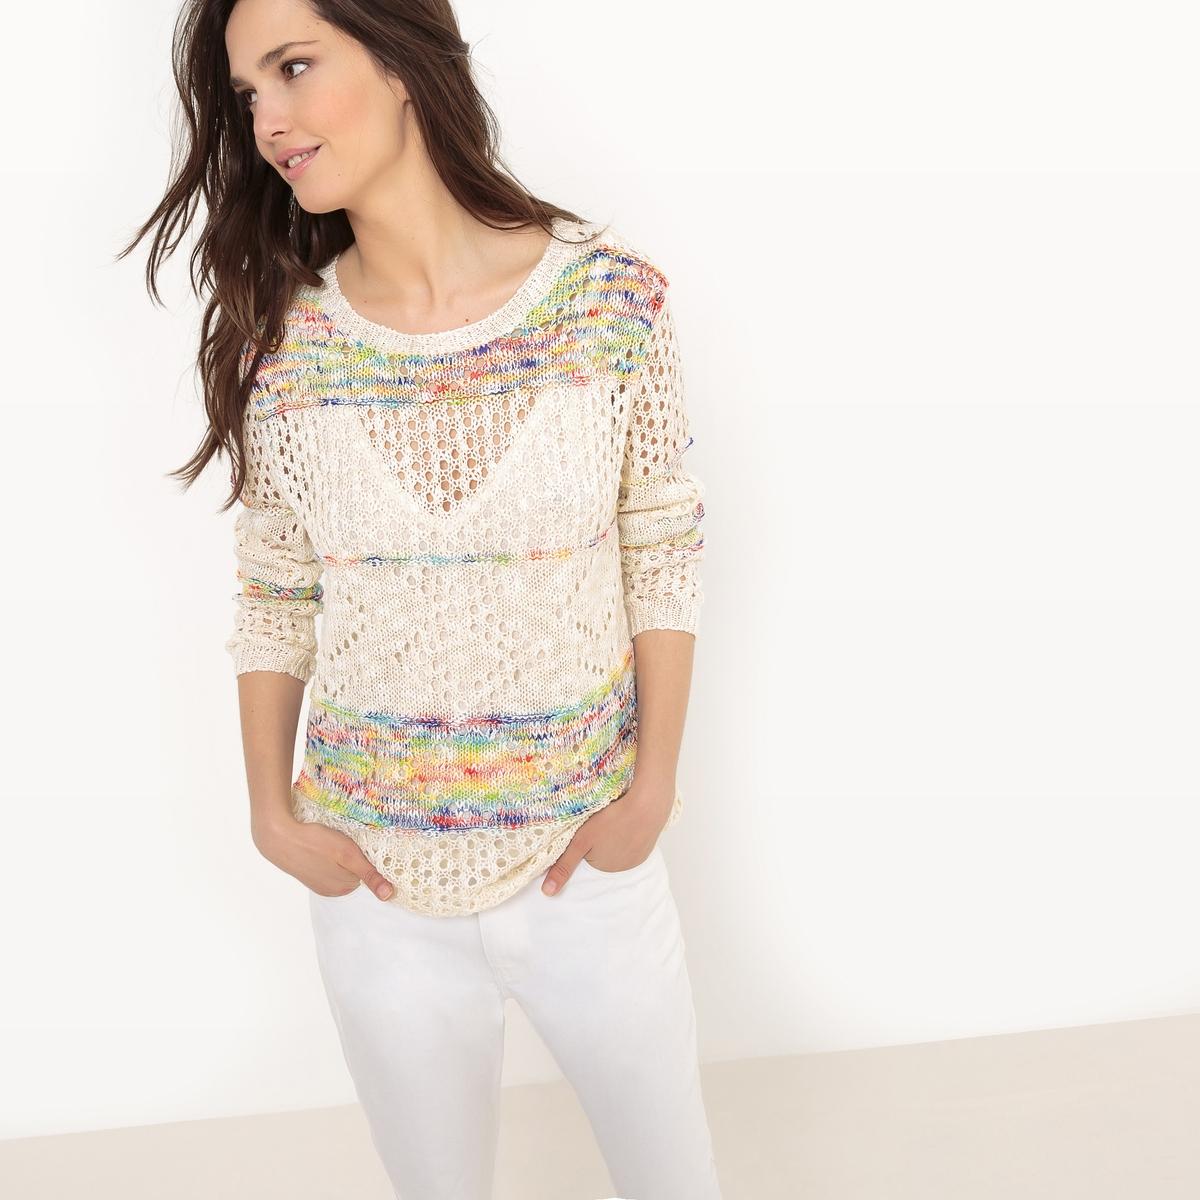 Пуловер из ажурного трикотажаМатериал : 50% акрила, 50% полиэстера  Длина рукава : длинные рукава  Форма воротника : круглый вырез  Покрой пуловера : стандартный  Рисунок : однотонная модель<br><br>Цвет: слоновая кость